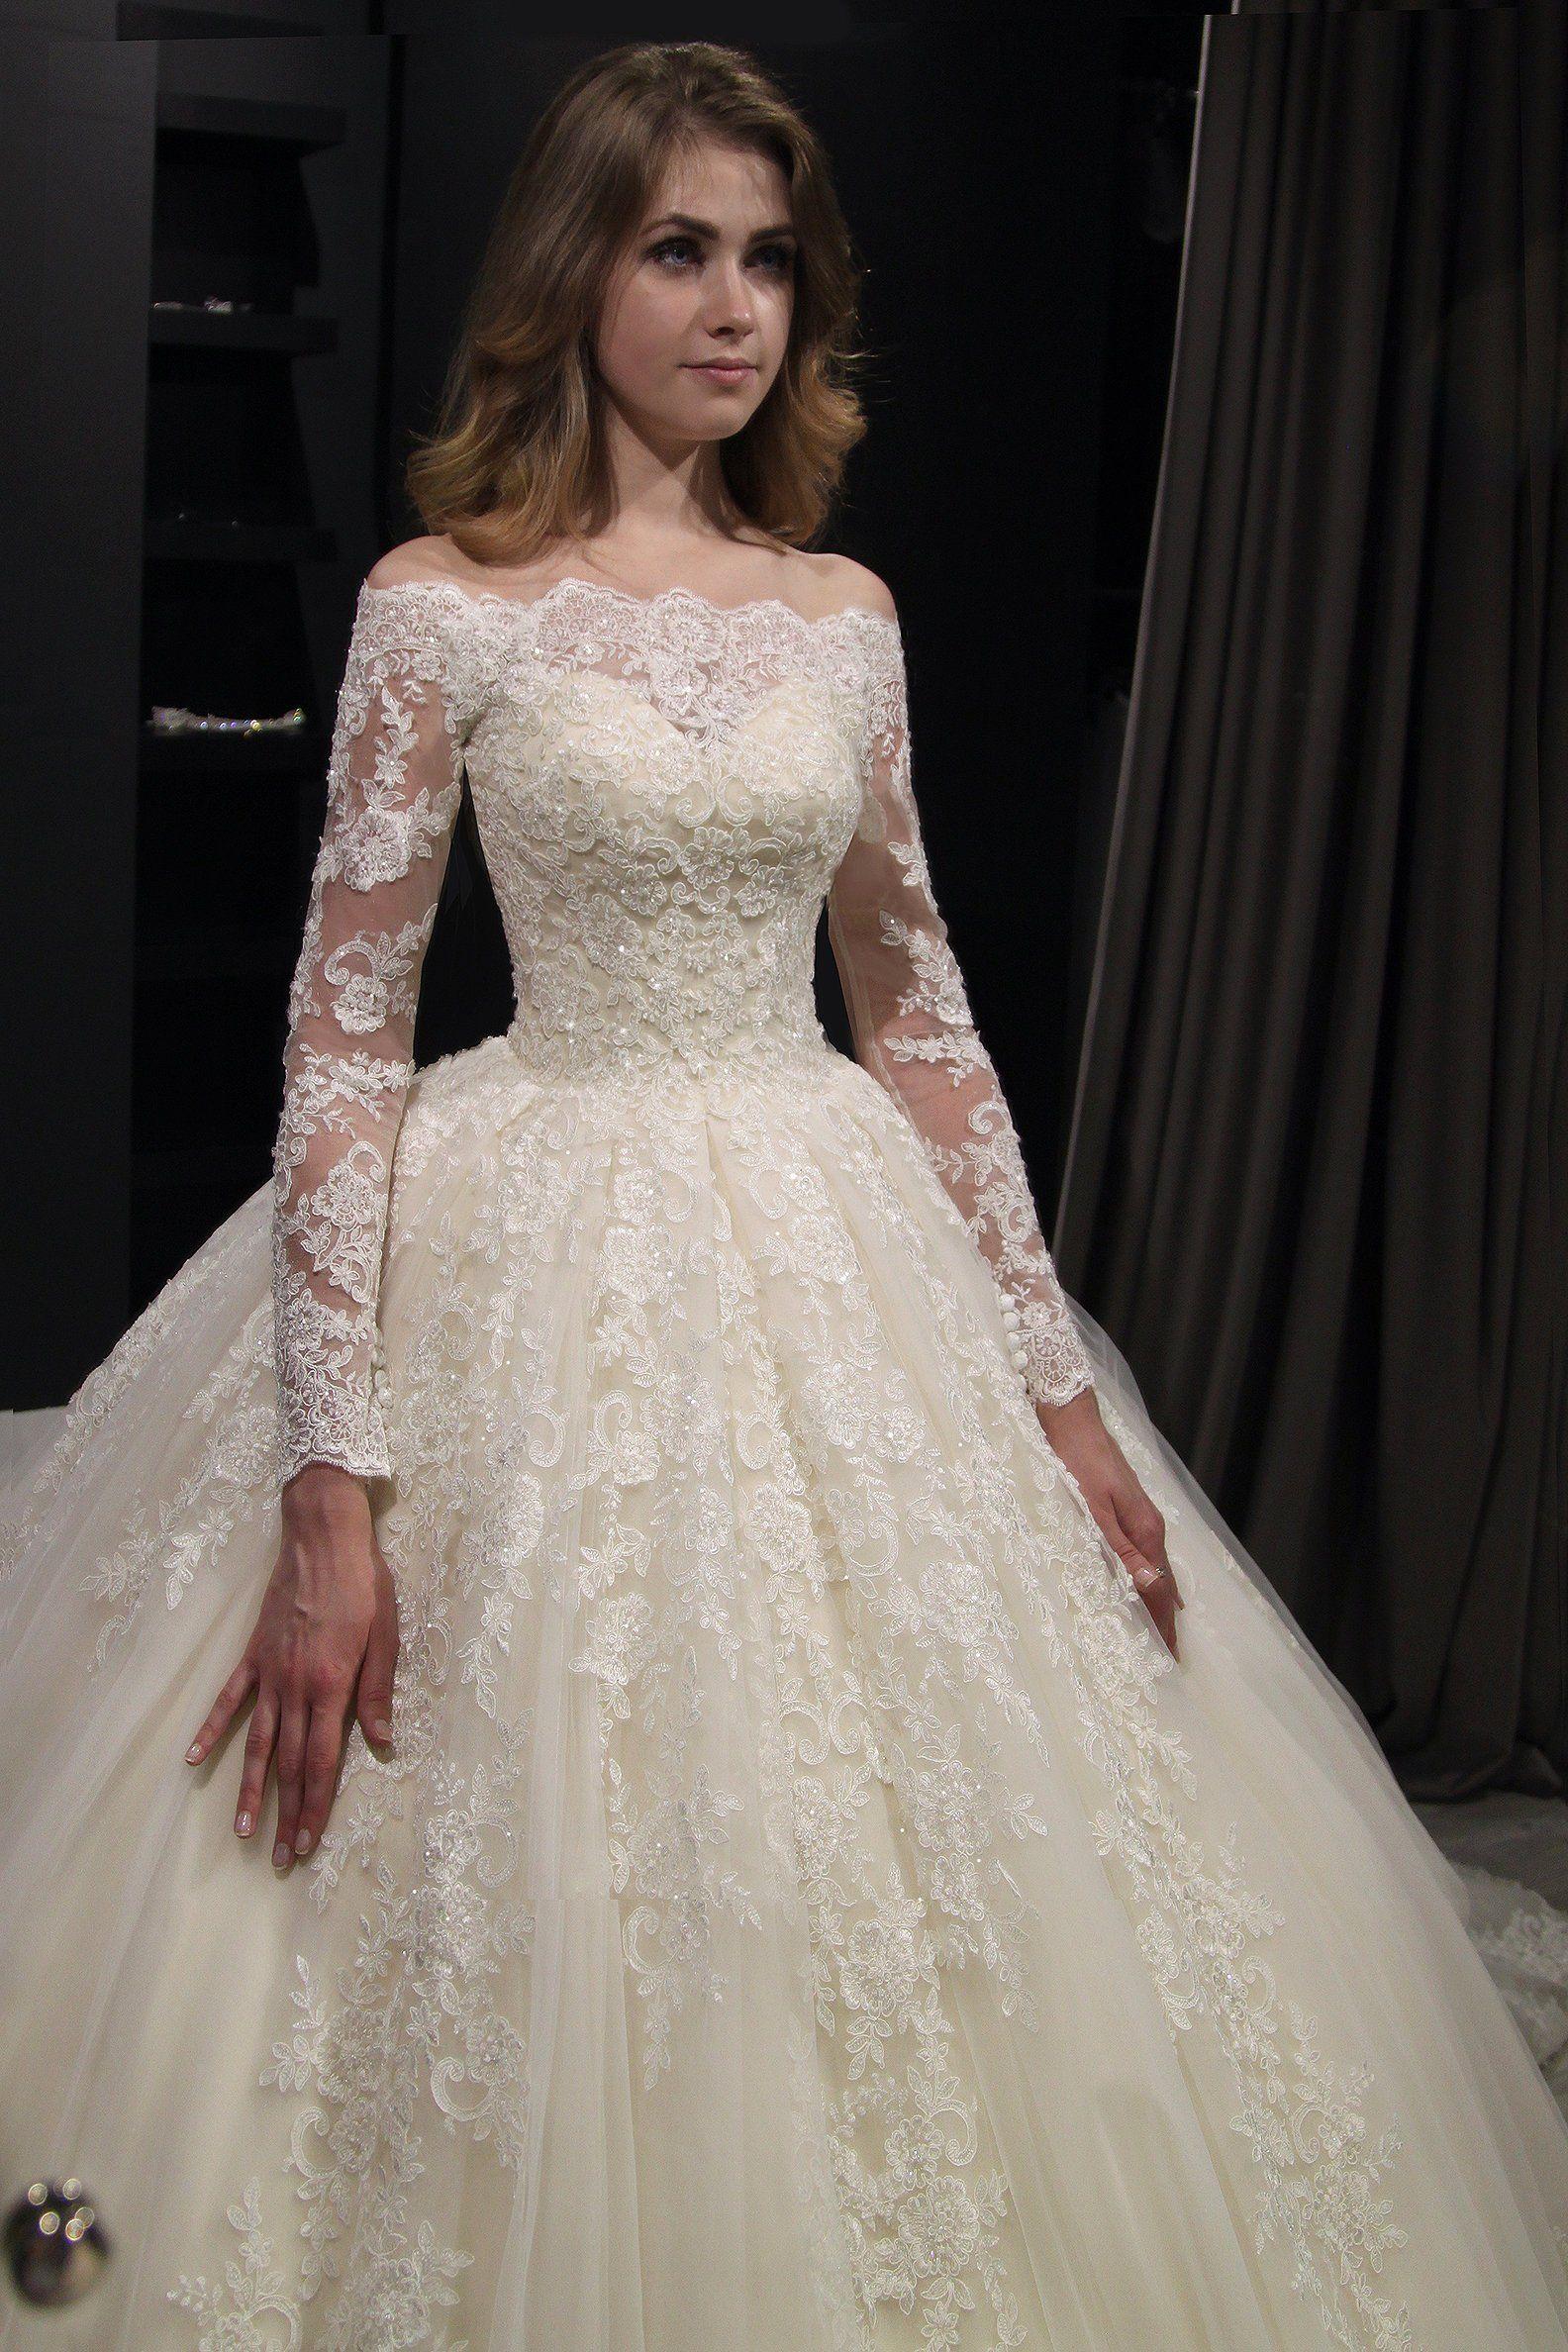 Nuria By Olivia Bottega Floral Lace Off The Shoulder Wedding Etsy Off Shoulder Wedding Dress Long Sleeve Wedding Dress Lace Ball Gowns Wedding [ jpg ]